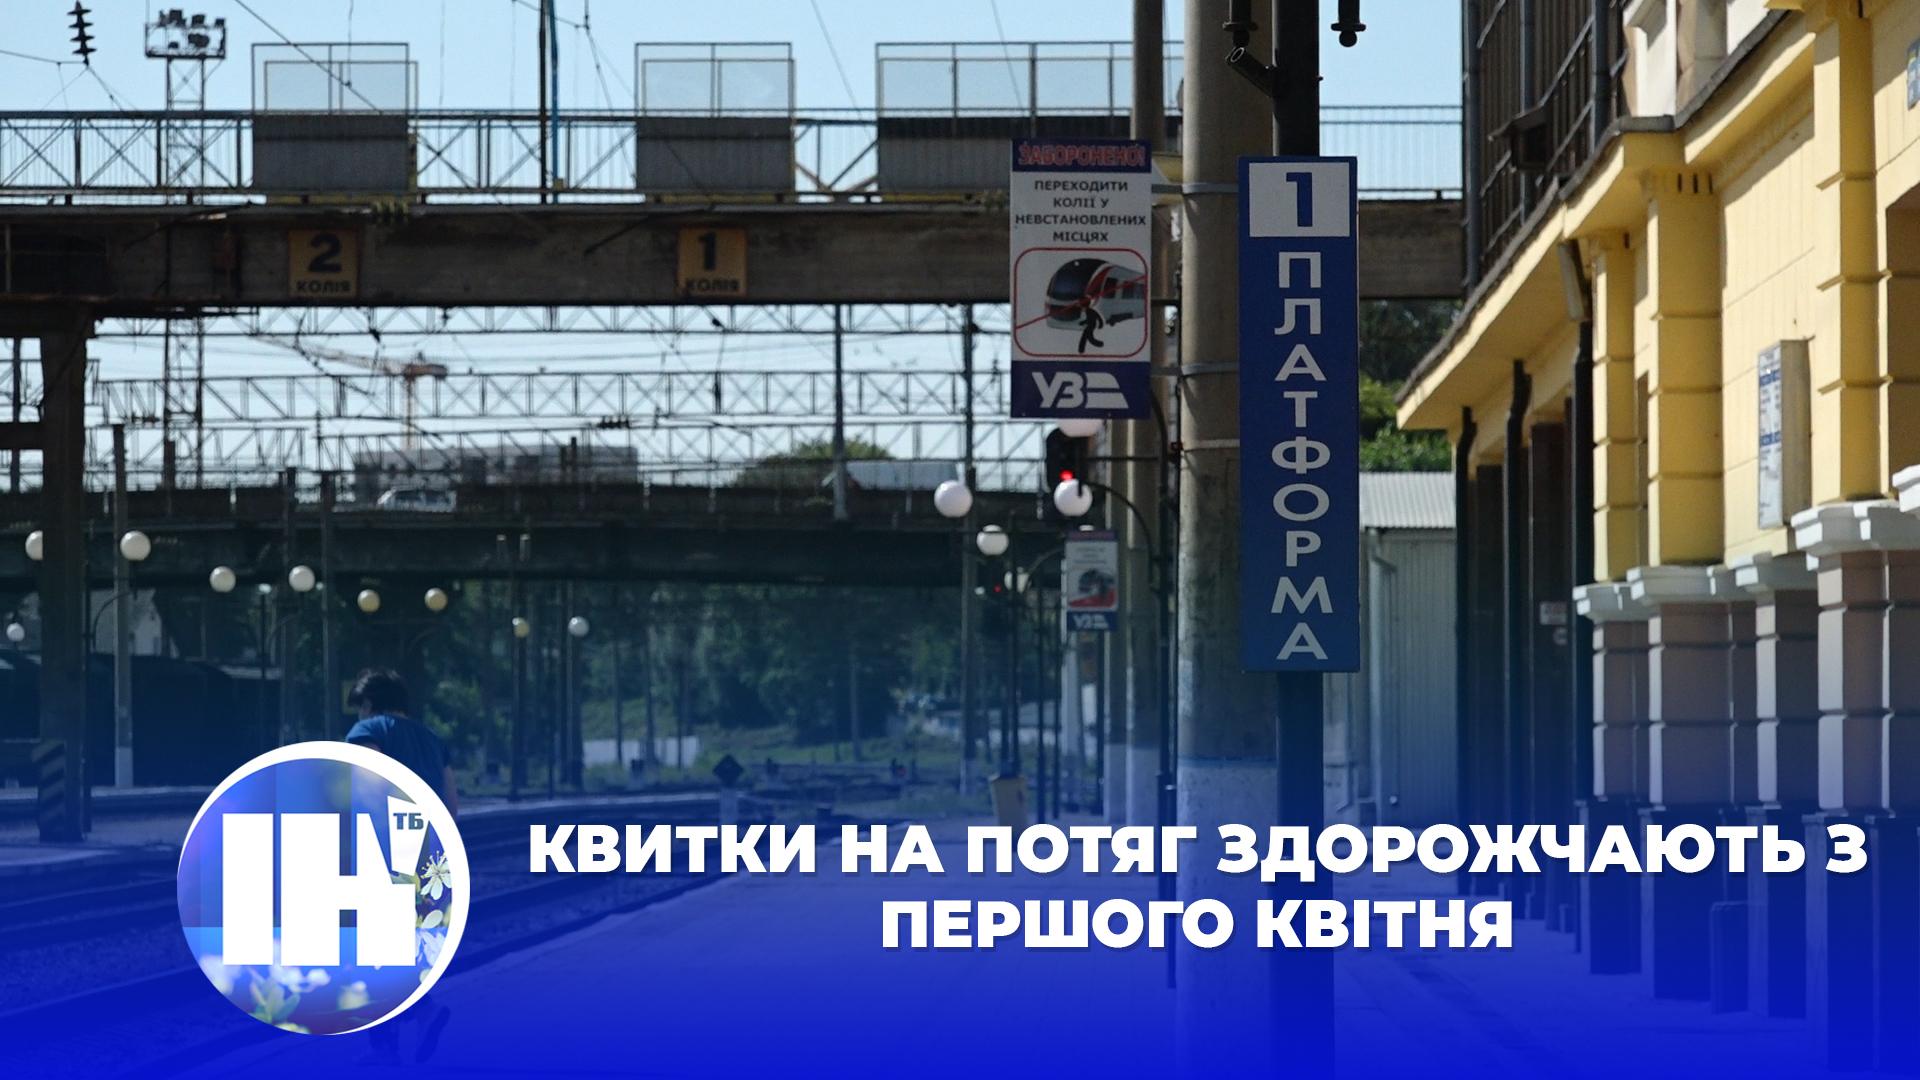 Квитки на потяг здорожчають з першого квітня